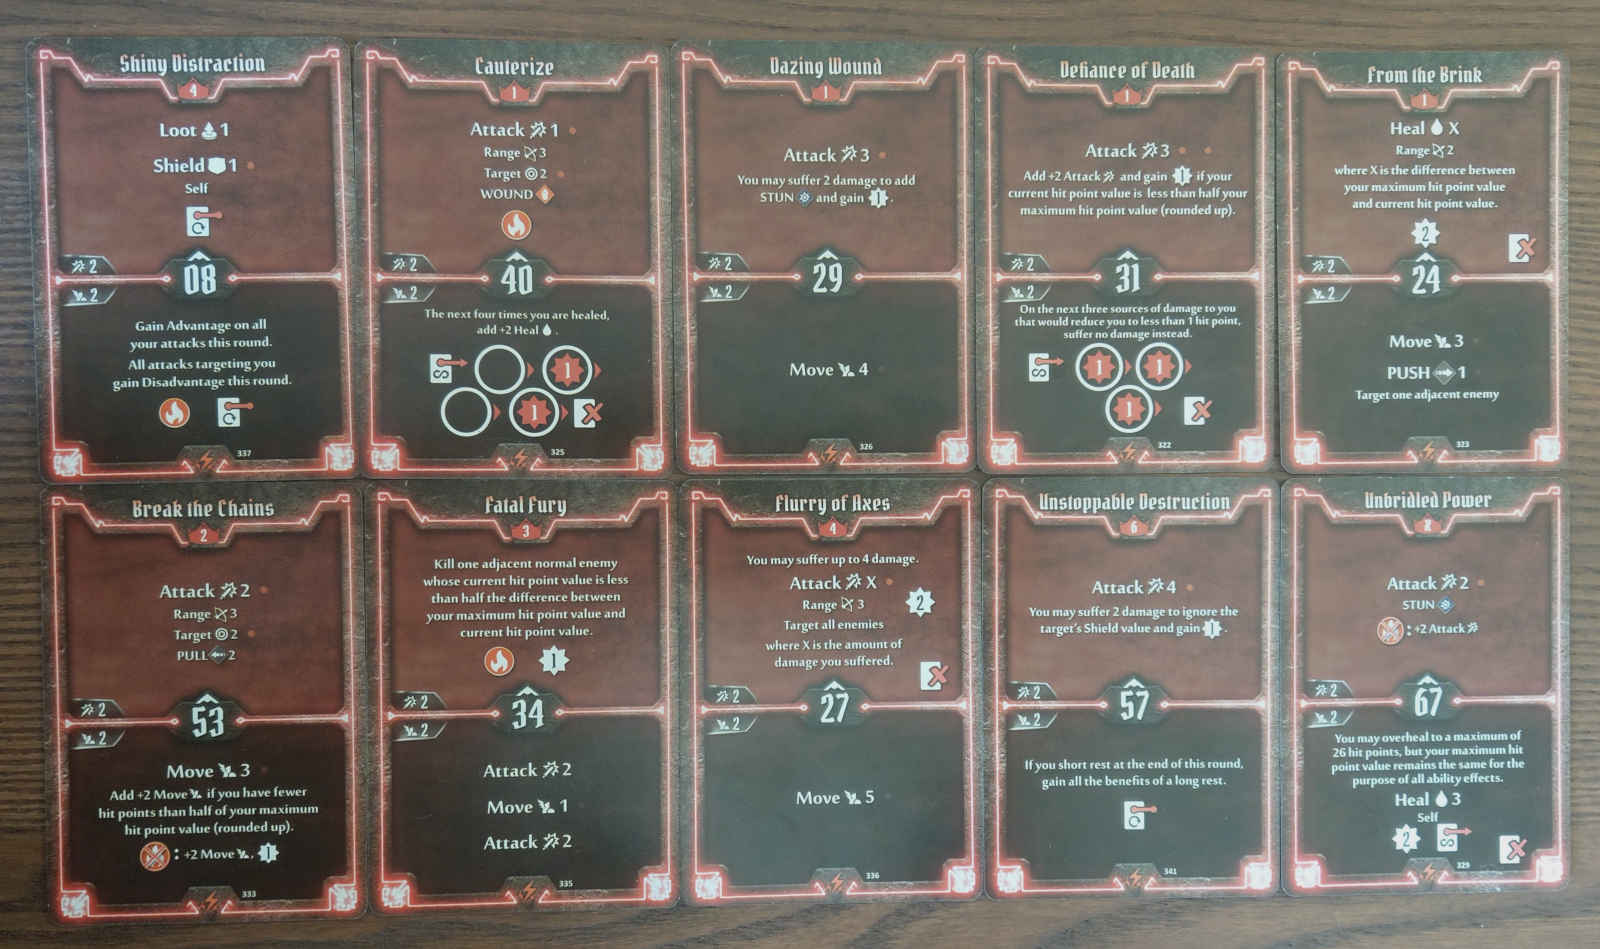 Level 6 Berserker deck cards